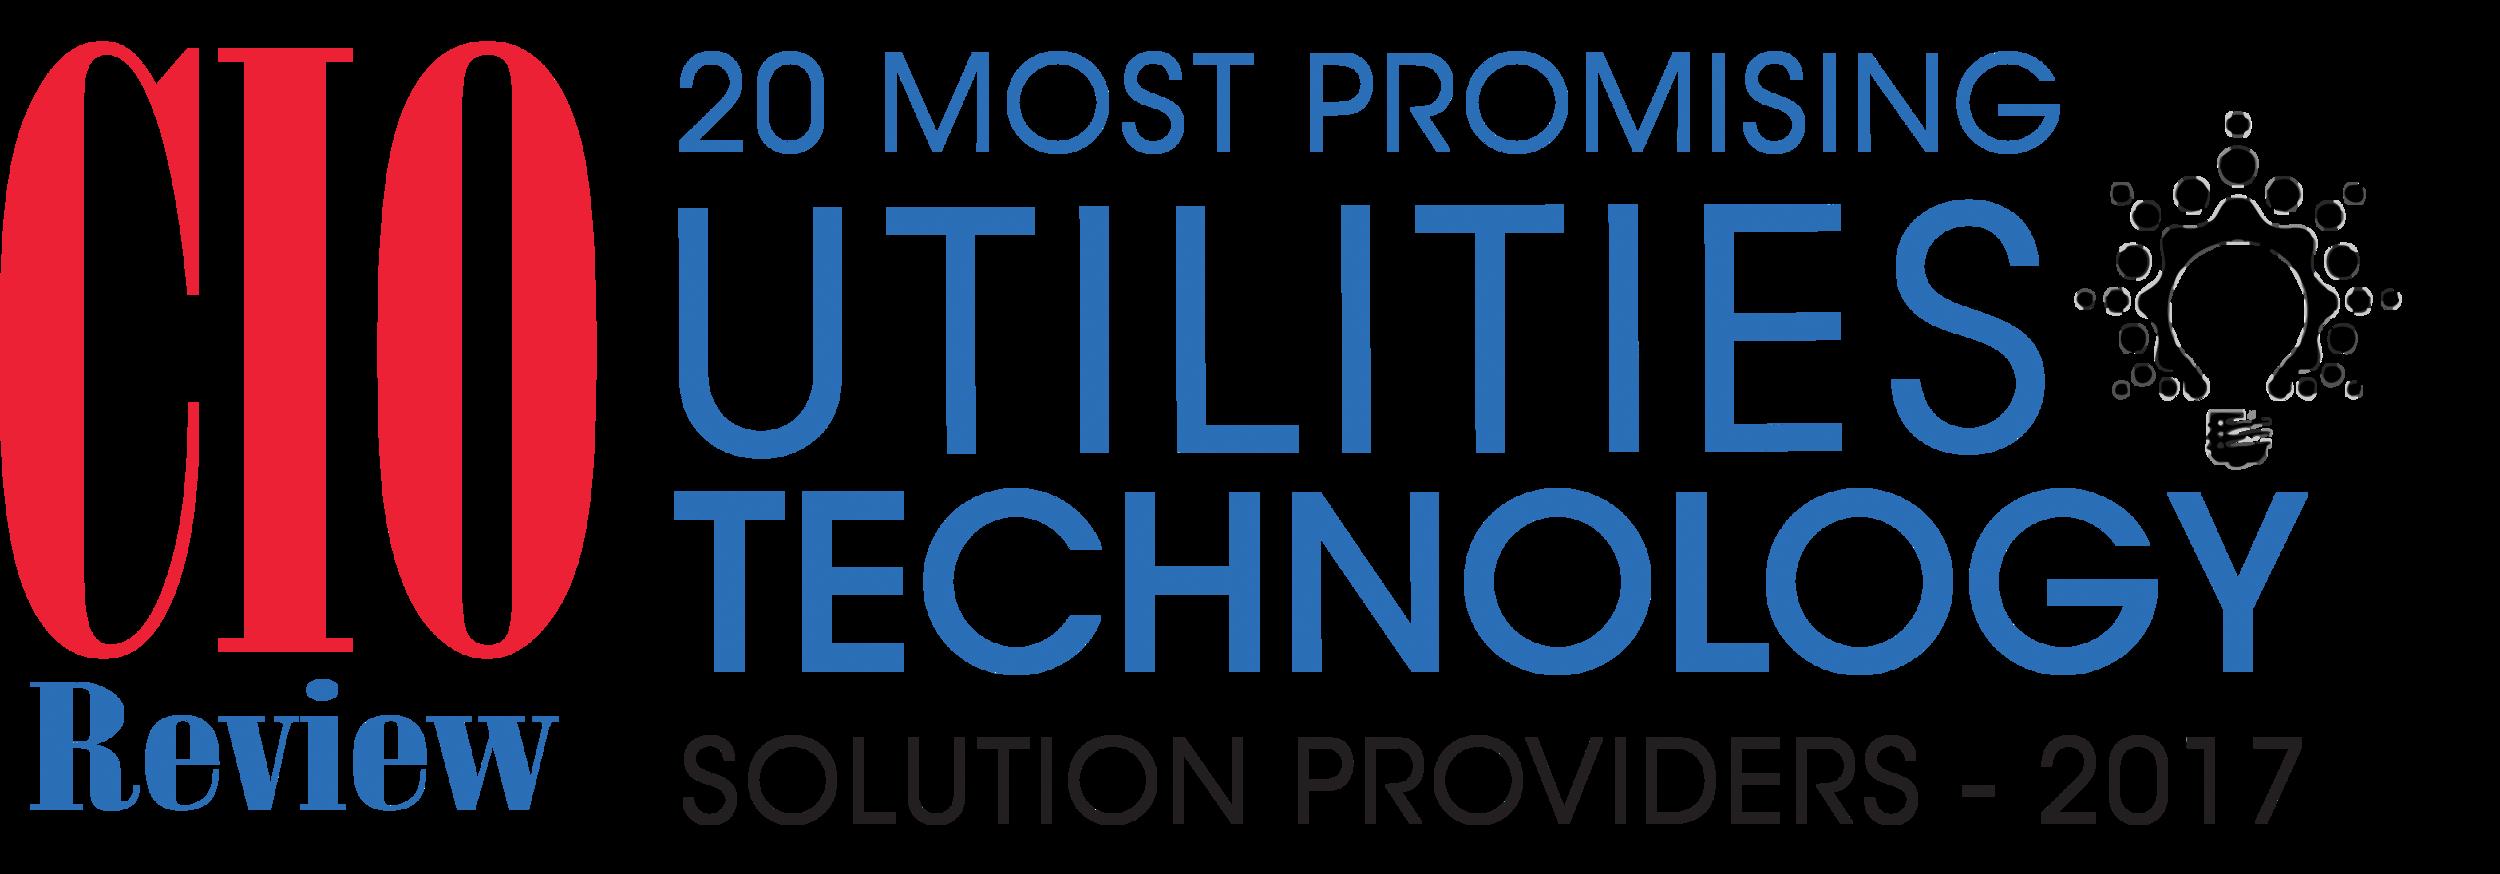 CIO_utilities_logo.png